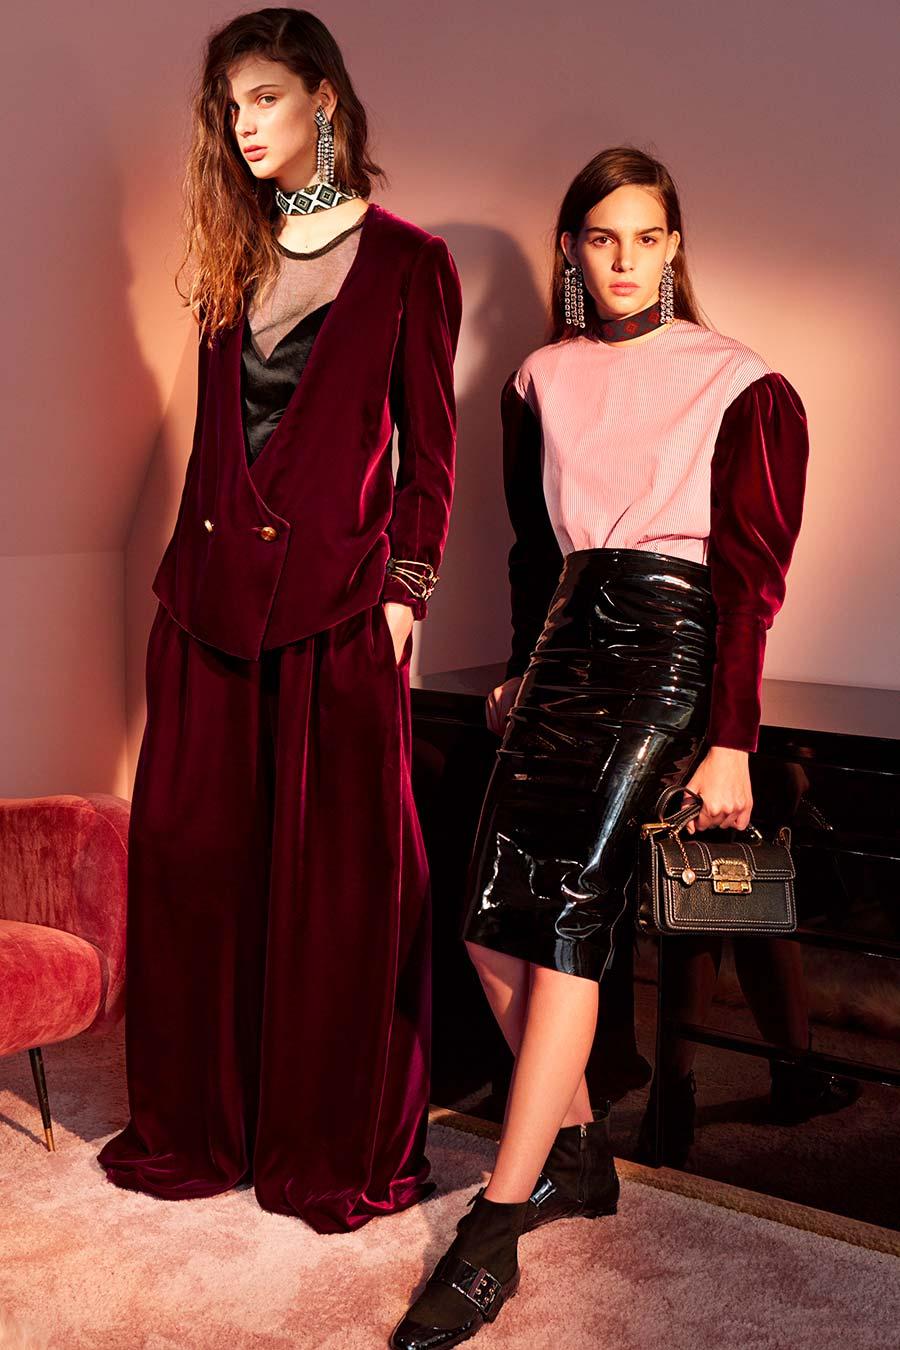 velluto - modelle in posa con abiti Lanvin